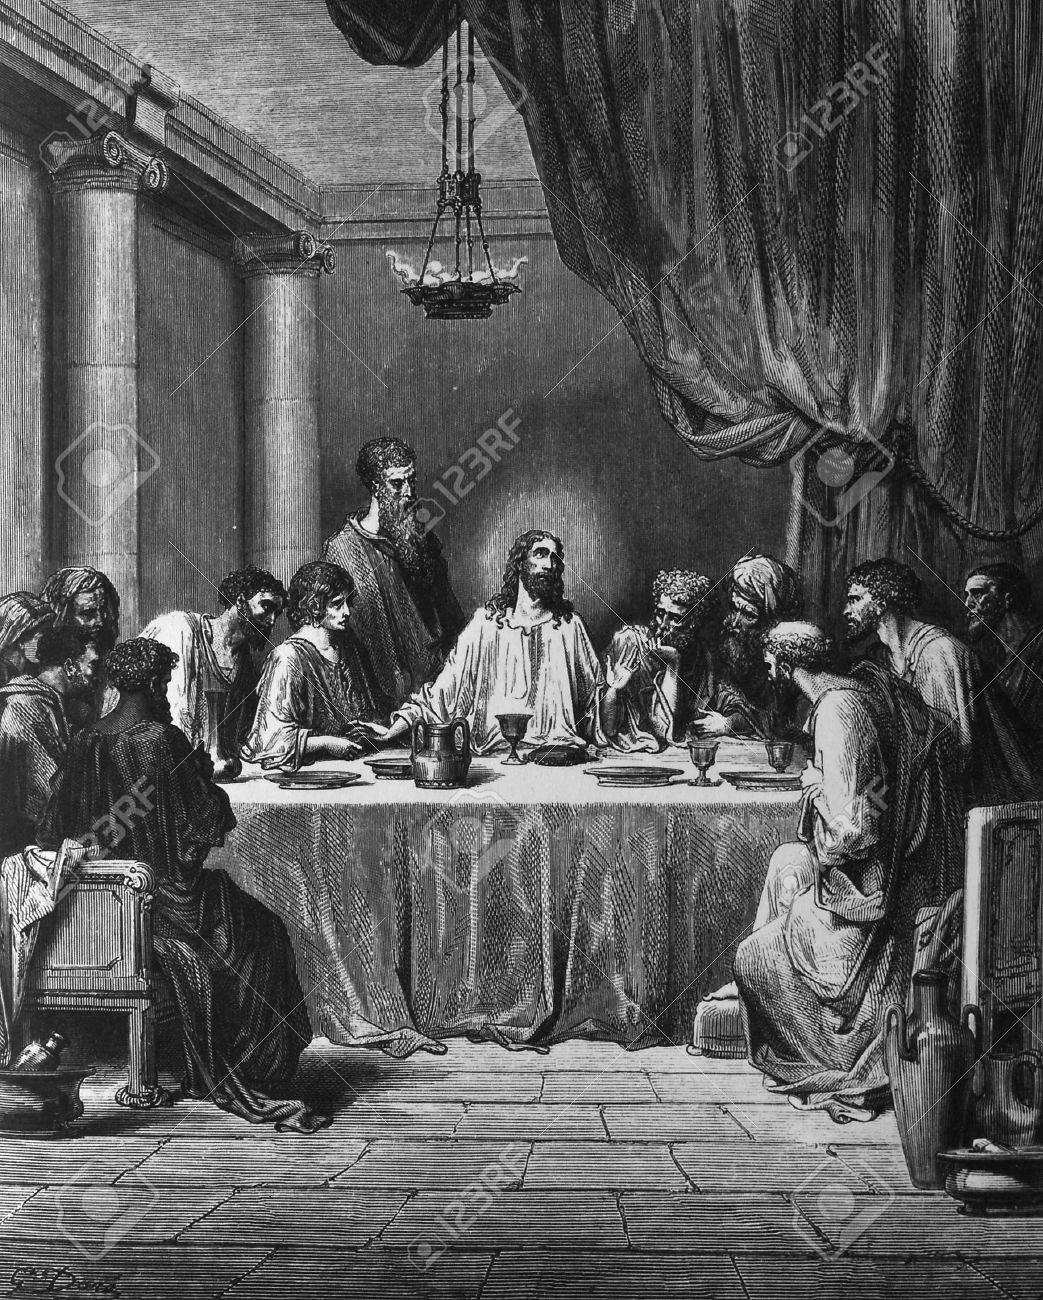 The Last Supper  1  Le Sainte Bible  Traduction nouvelle selon la Vulgate par Mm  J -J  Bourasse et P  Janvier  Tours  Alfred Mame et Fils  2  1866 3  France 4  Gustave Dor� Stock Photo - 12994068